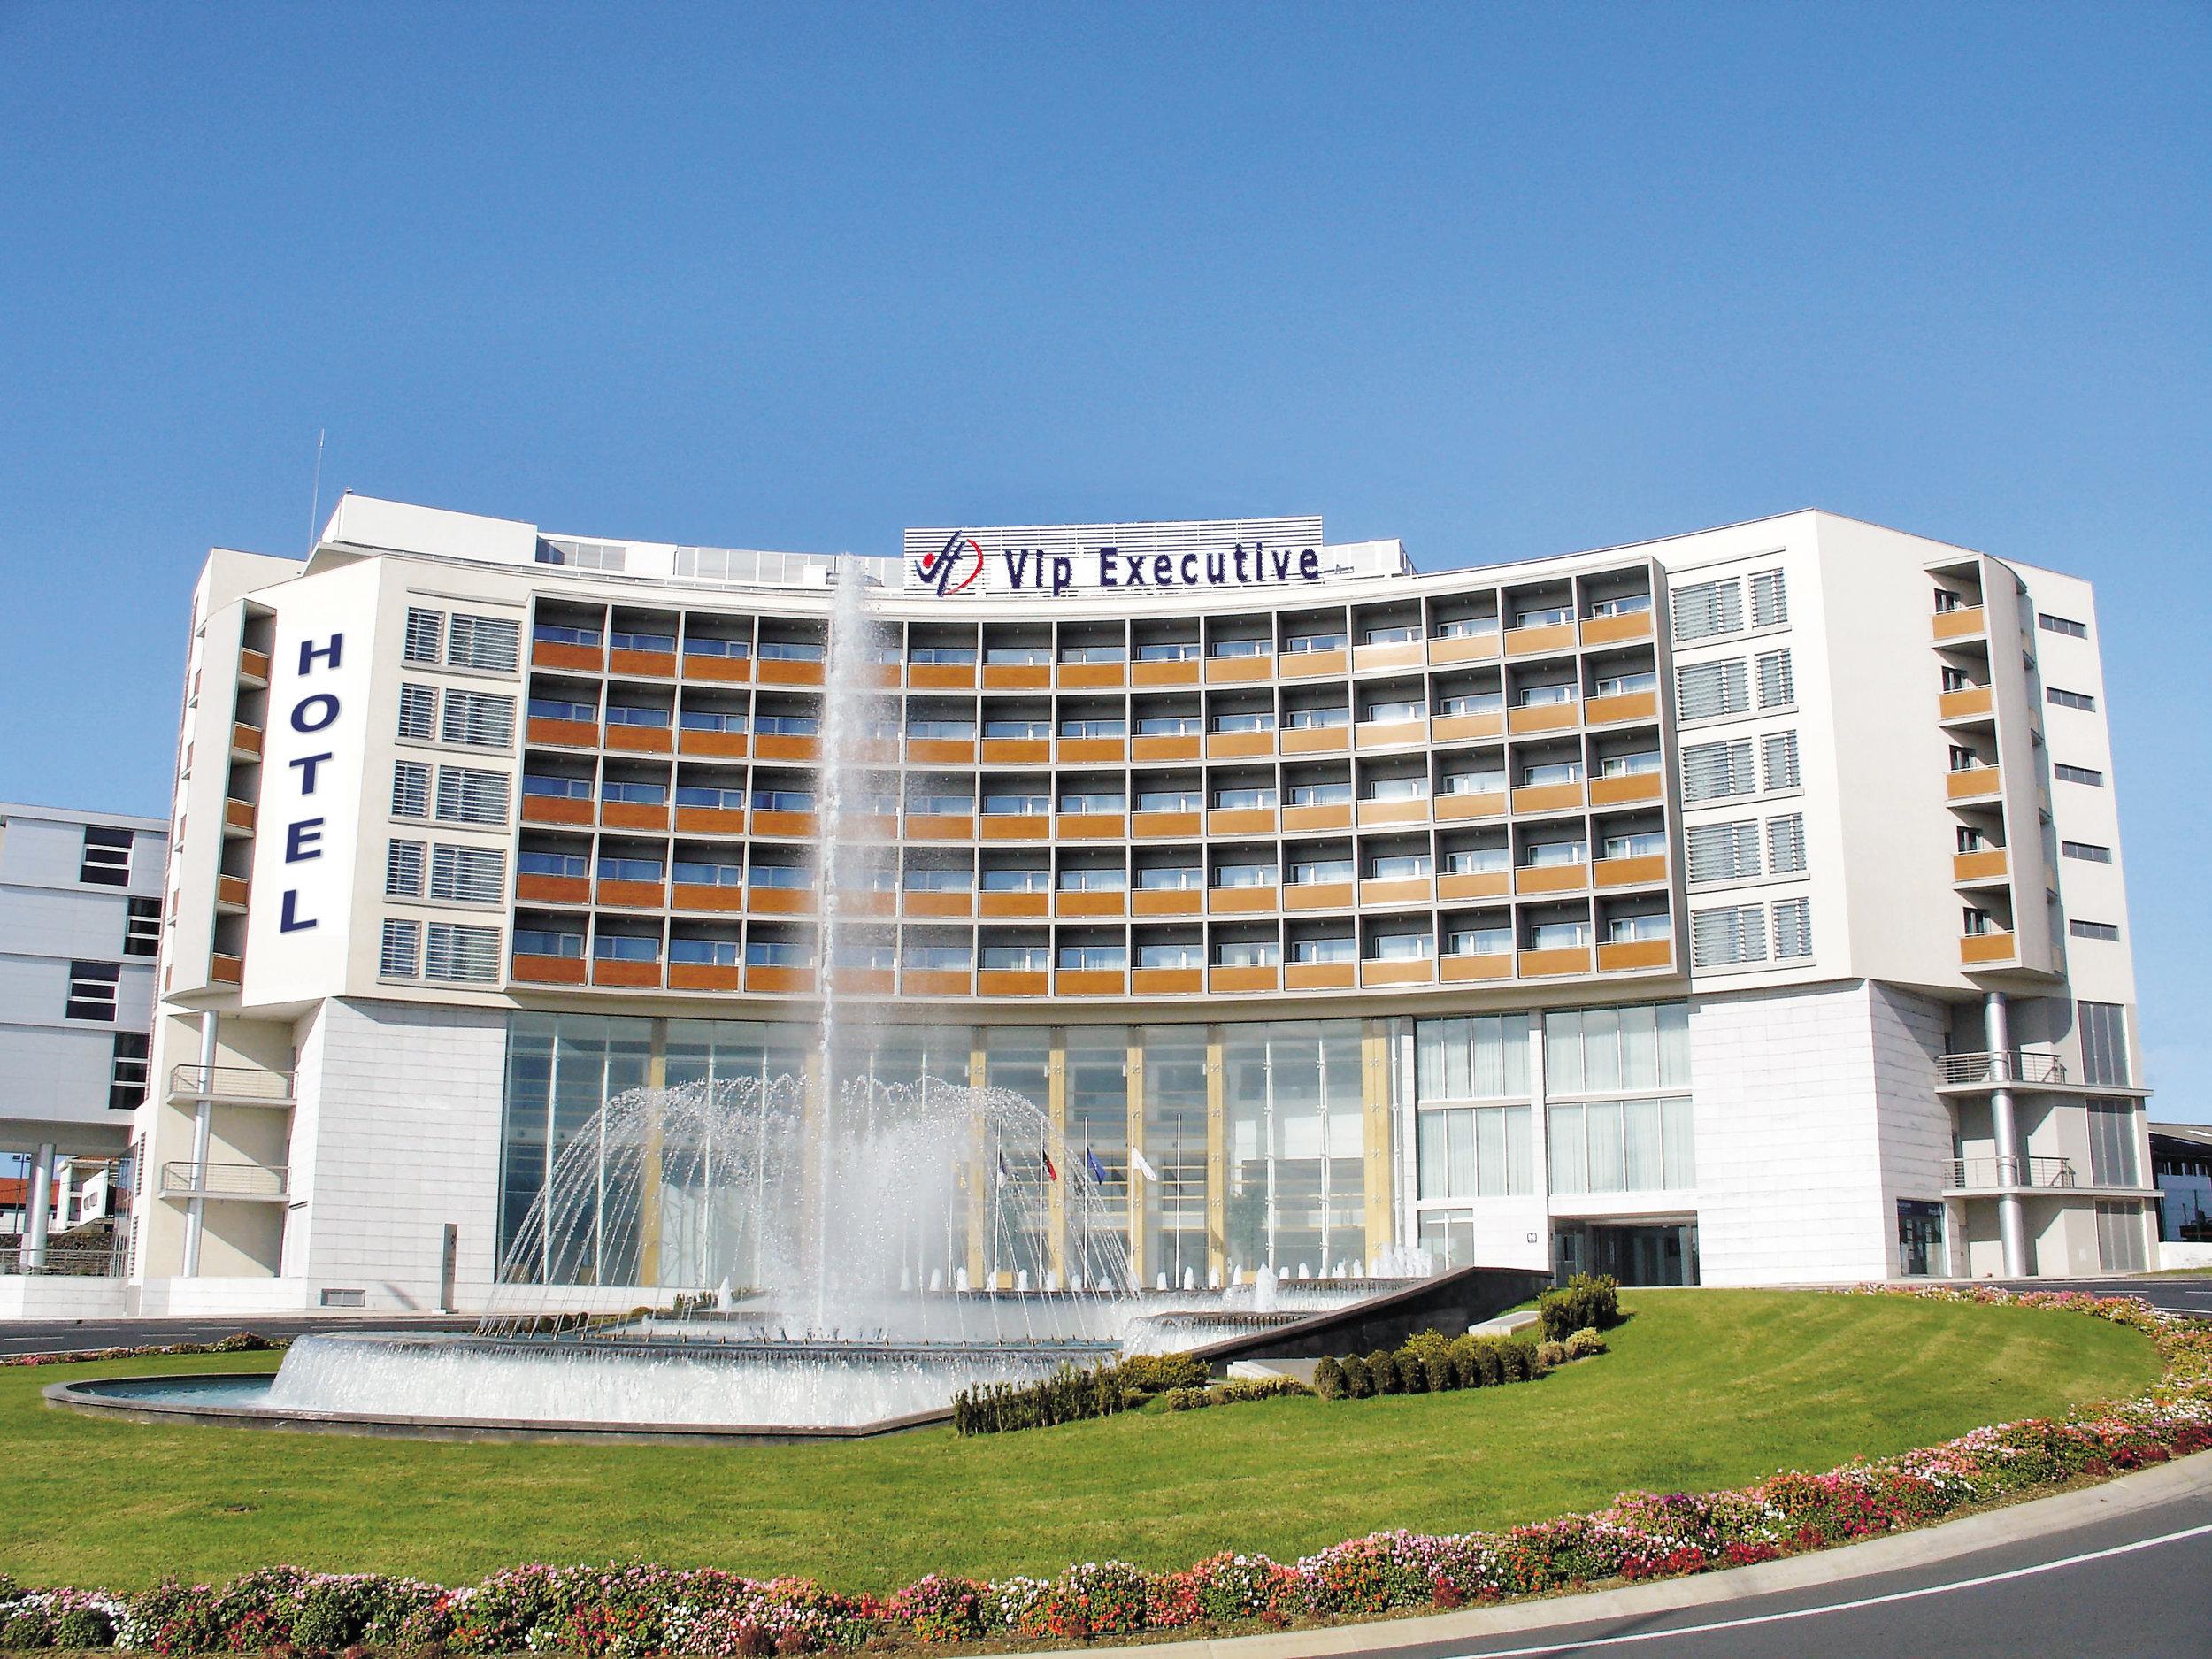 4* VIP Executive Azores Hotel - São Miguel